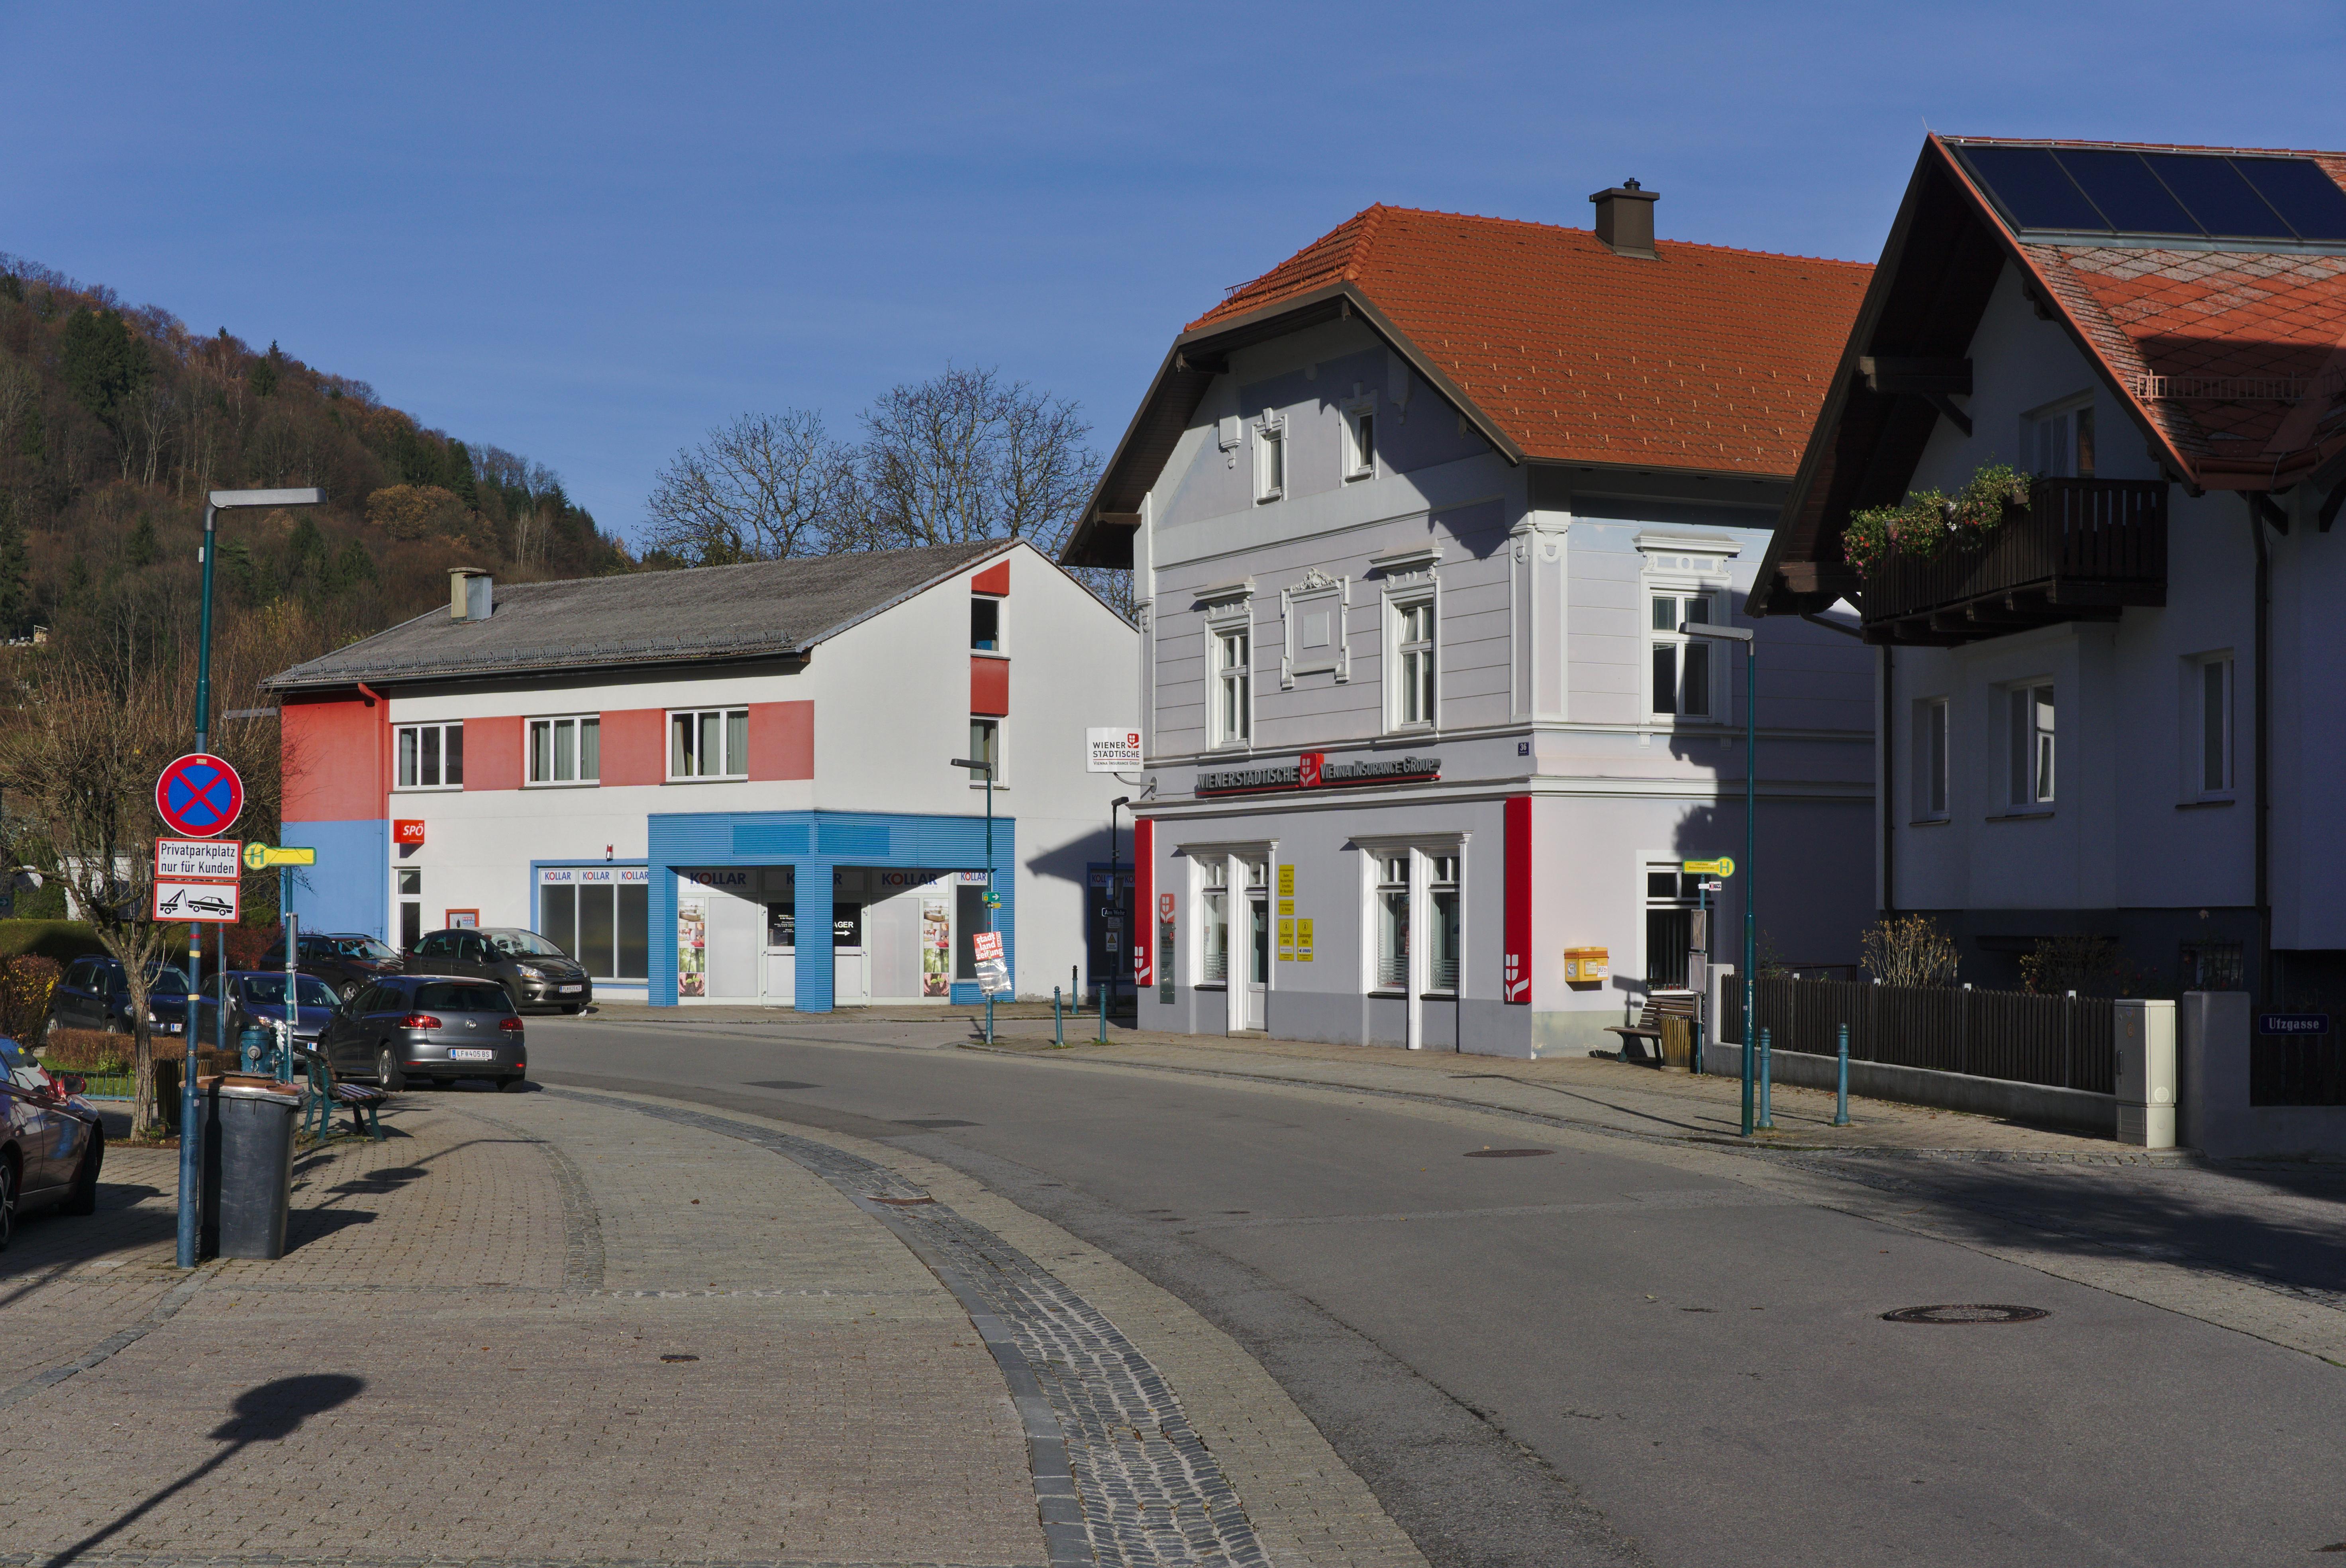 Filebabenbergerstraße Lilienfeldjpg Wikimedia Commons